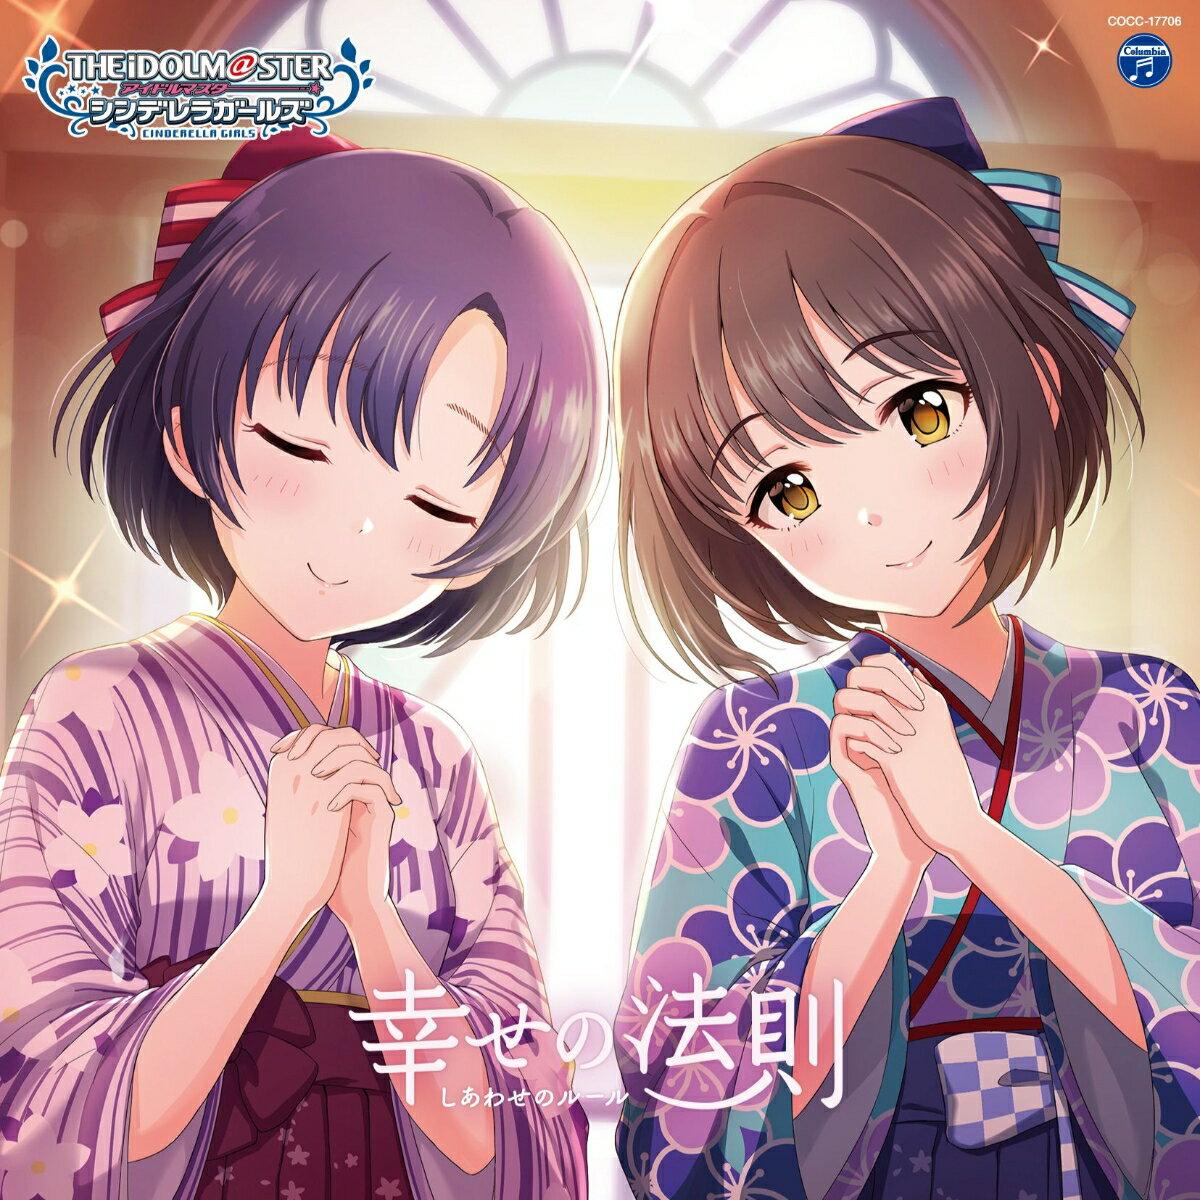 ゲームミュージック, その他 THE IDOLMSTER CINDERELLA GIRLS STARLIGHT MASTER for the NEXT! 06 ()